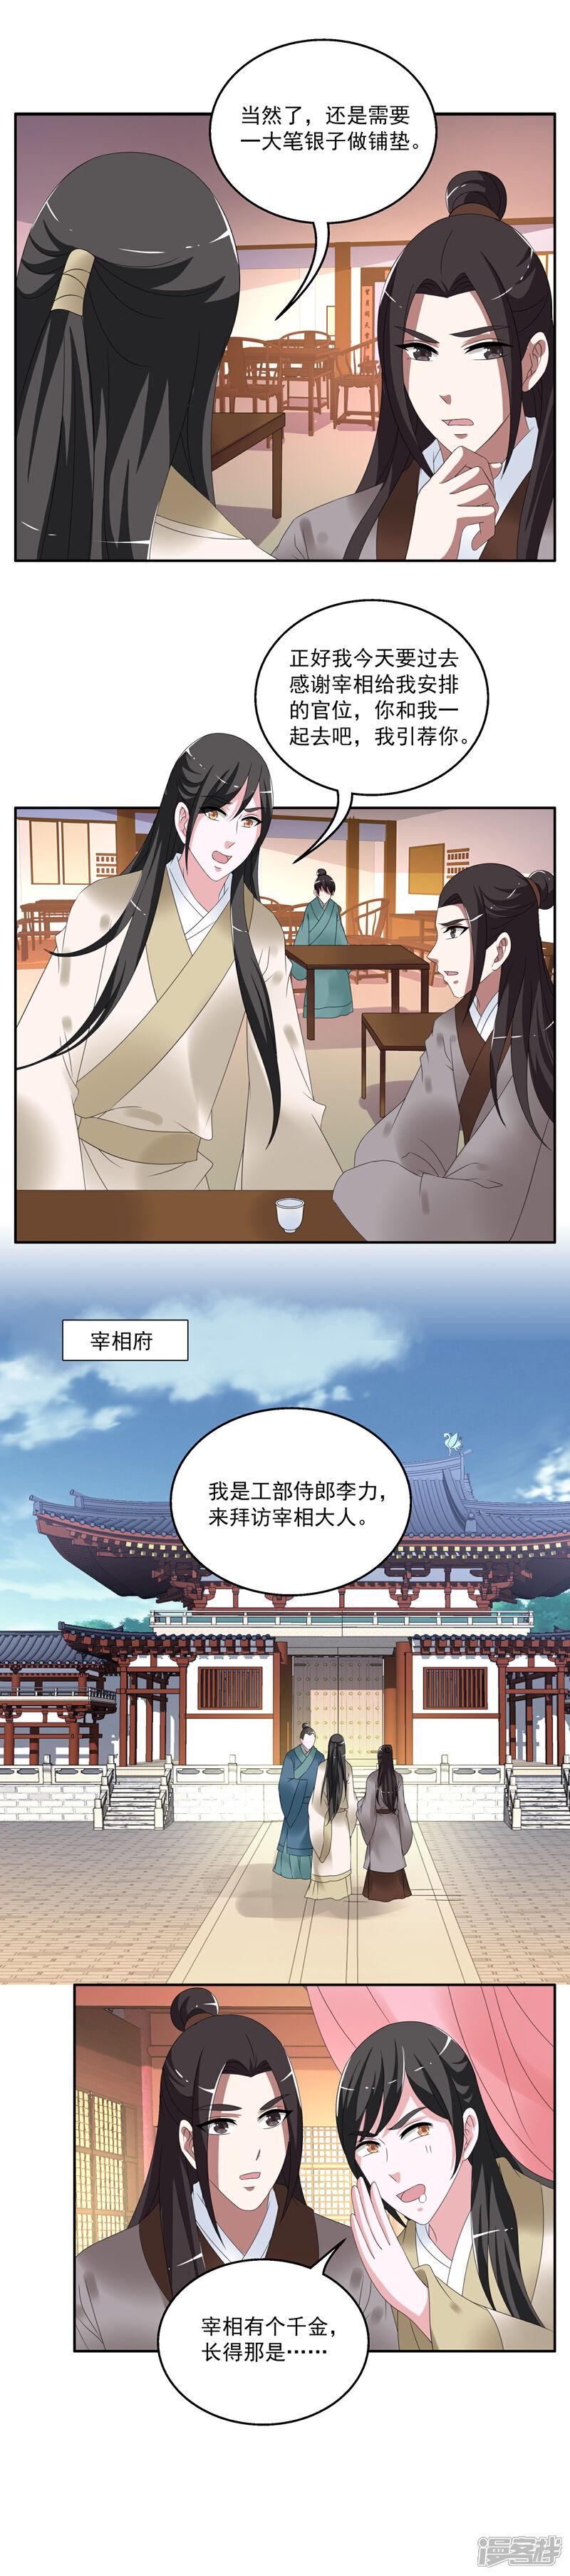 洛小妖158 (4).JPG